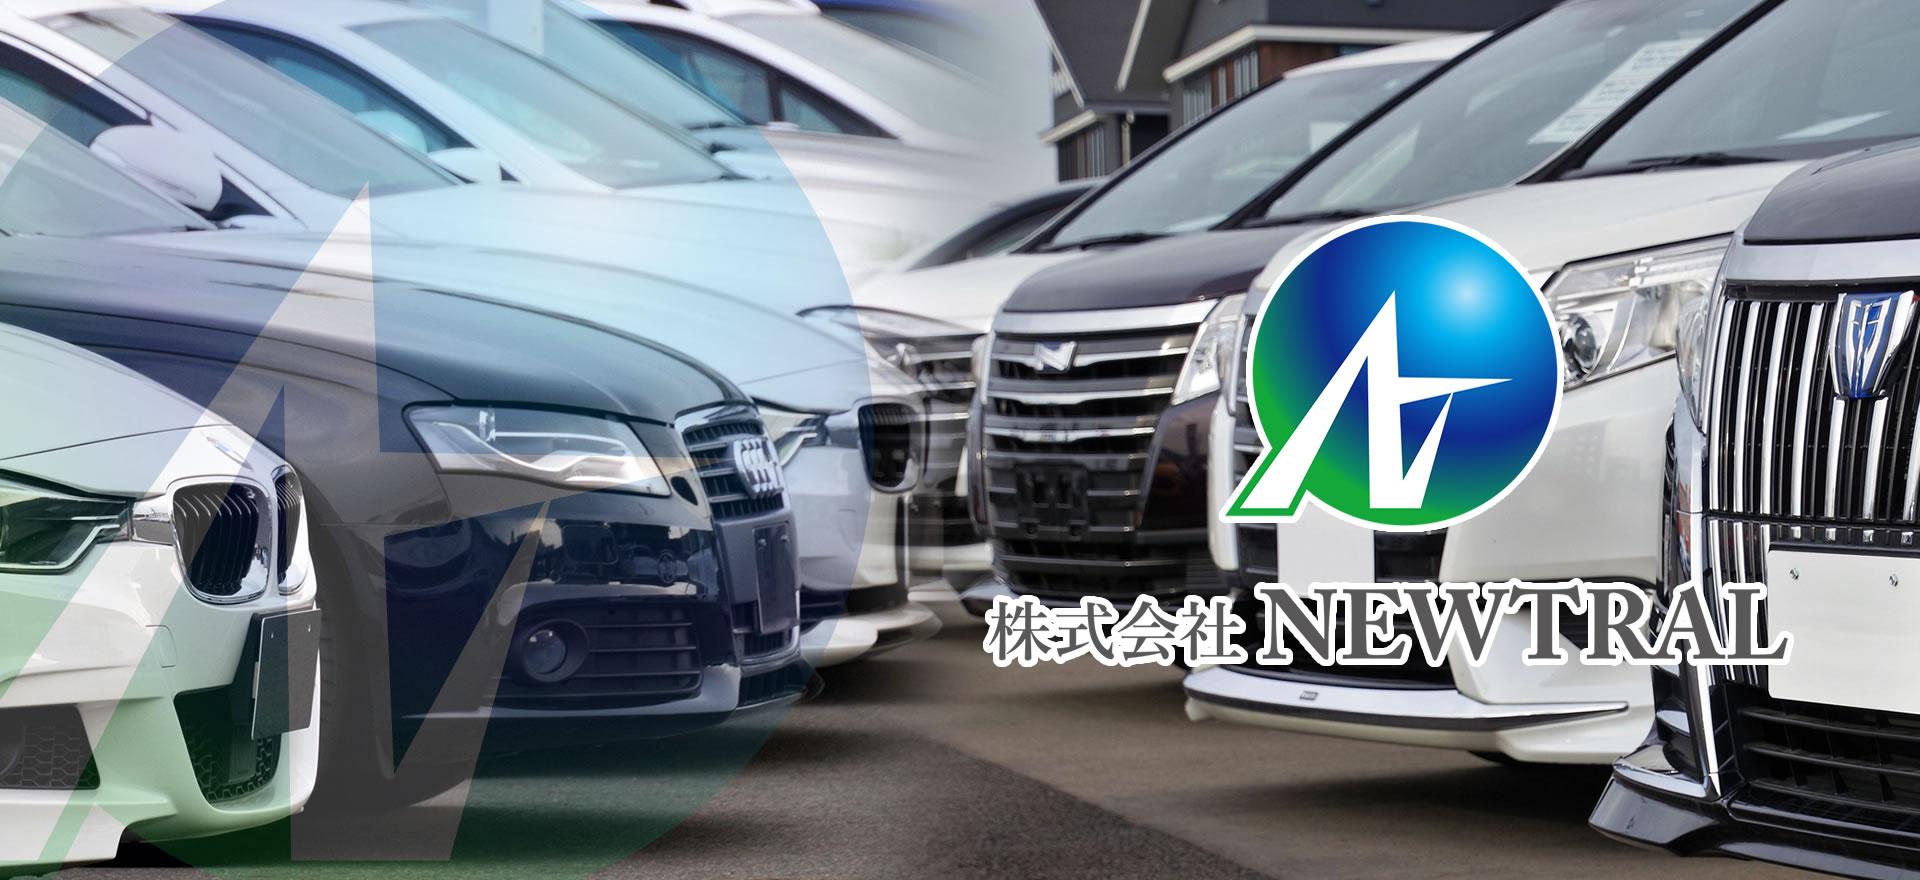 株式会社 NEWTRAL(ニュートラル)/愛知県西尾市/自動車買取・販売・輸出入、自動車部品輸出・販売、車両販売